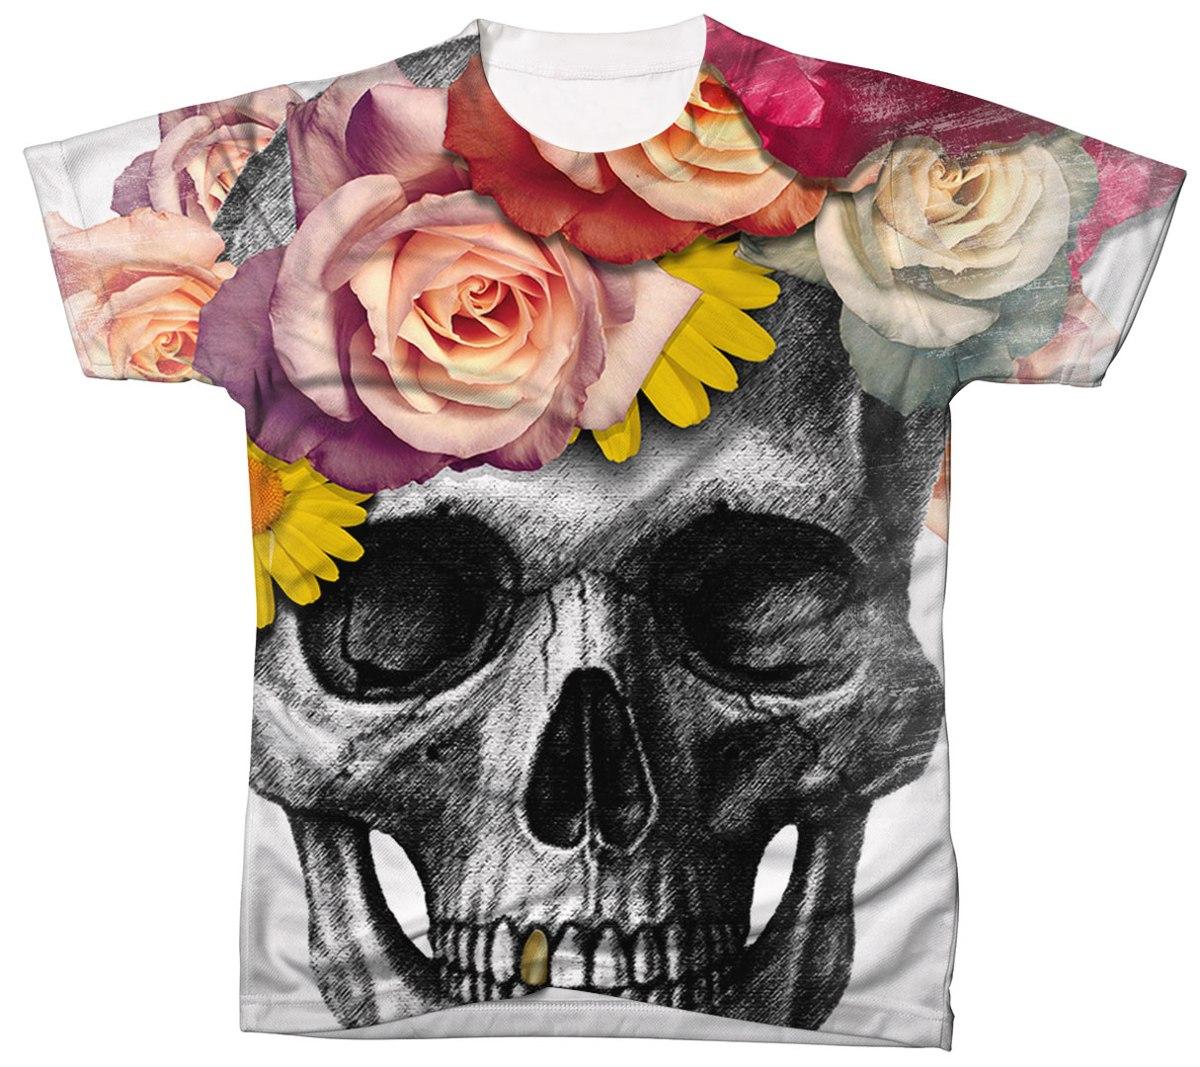 Camisa Camiseta Masculina Caveira Skull Cranio 111 - R  39 b2137b126a2